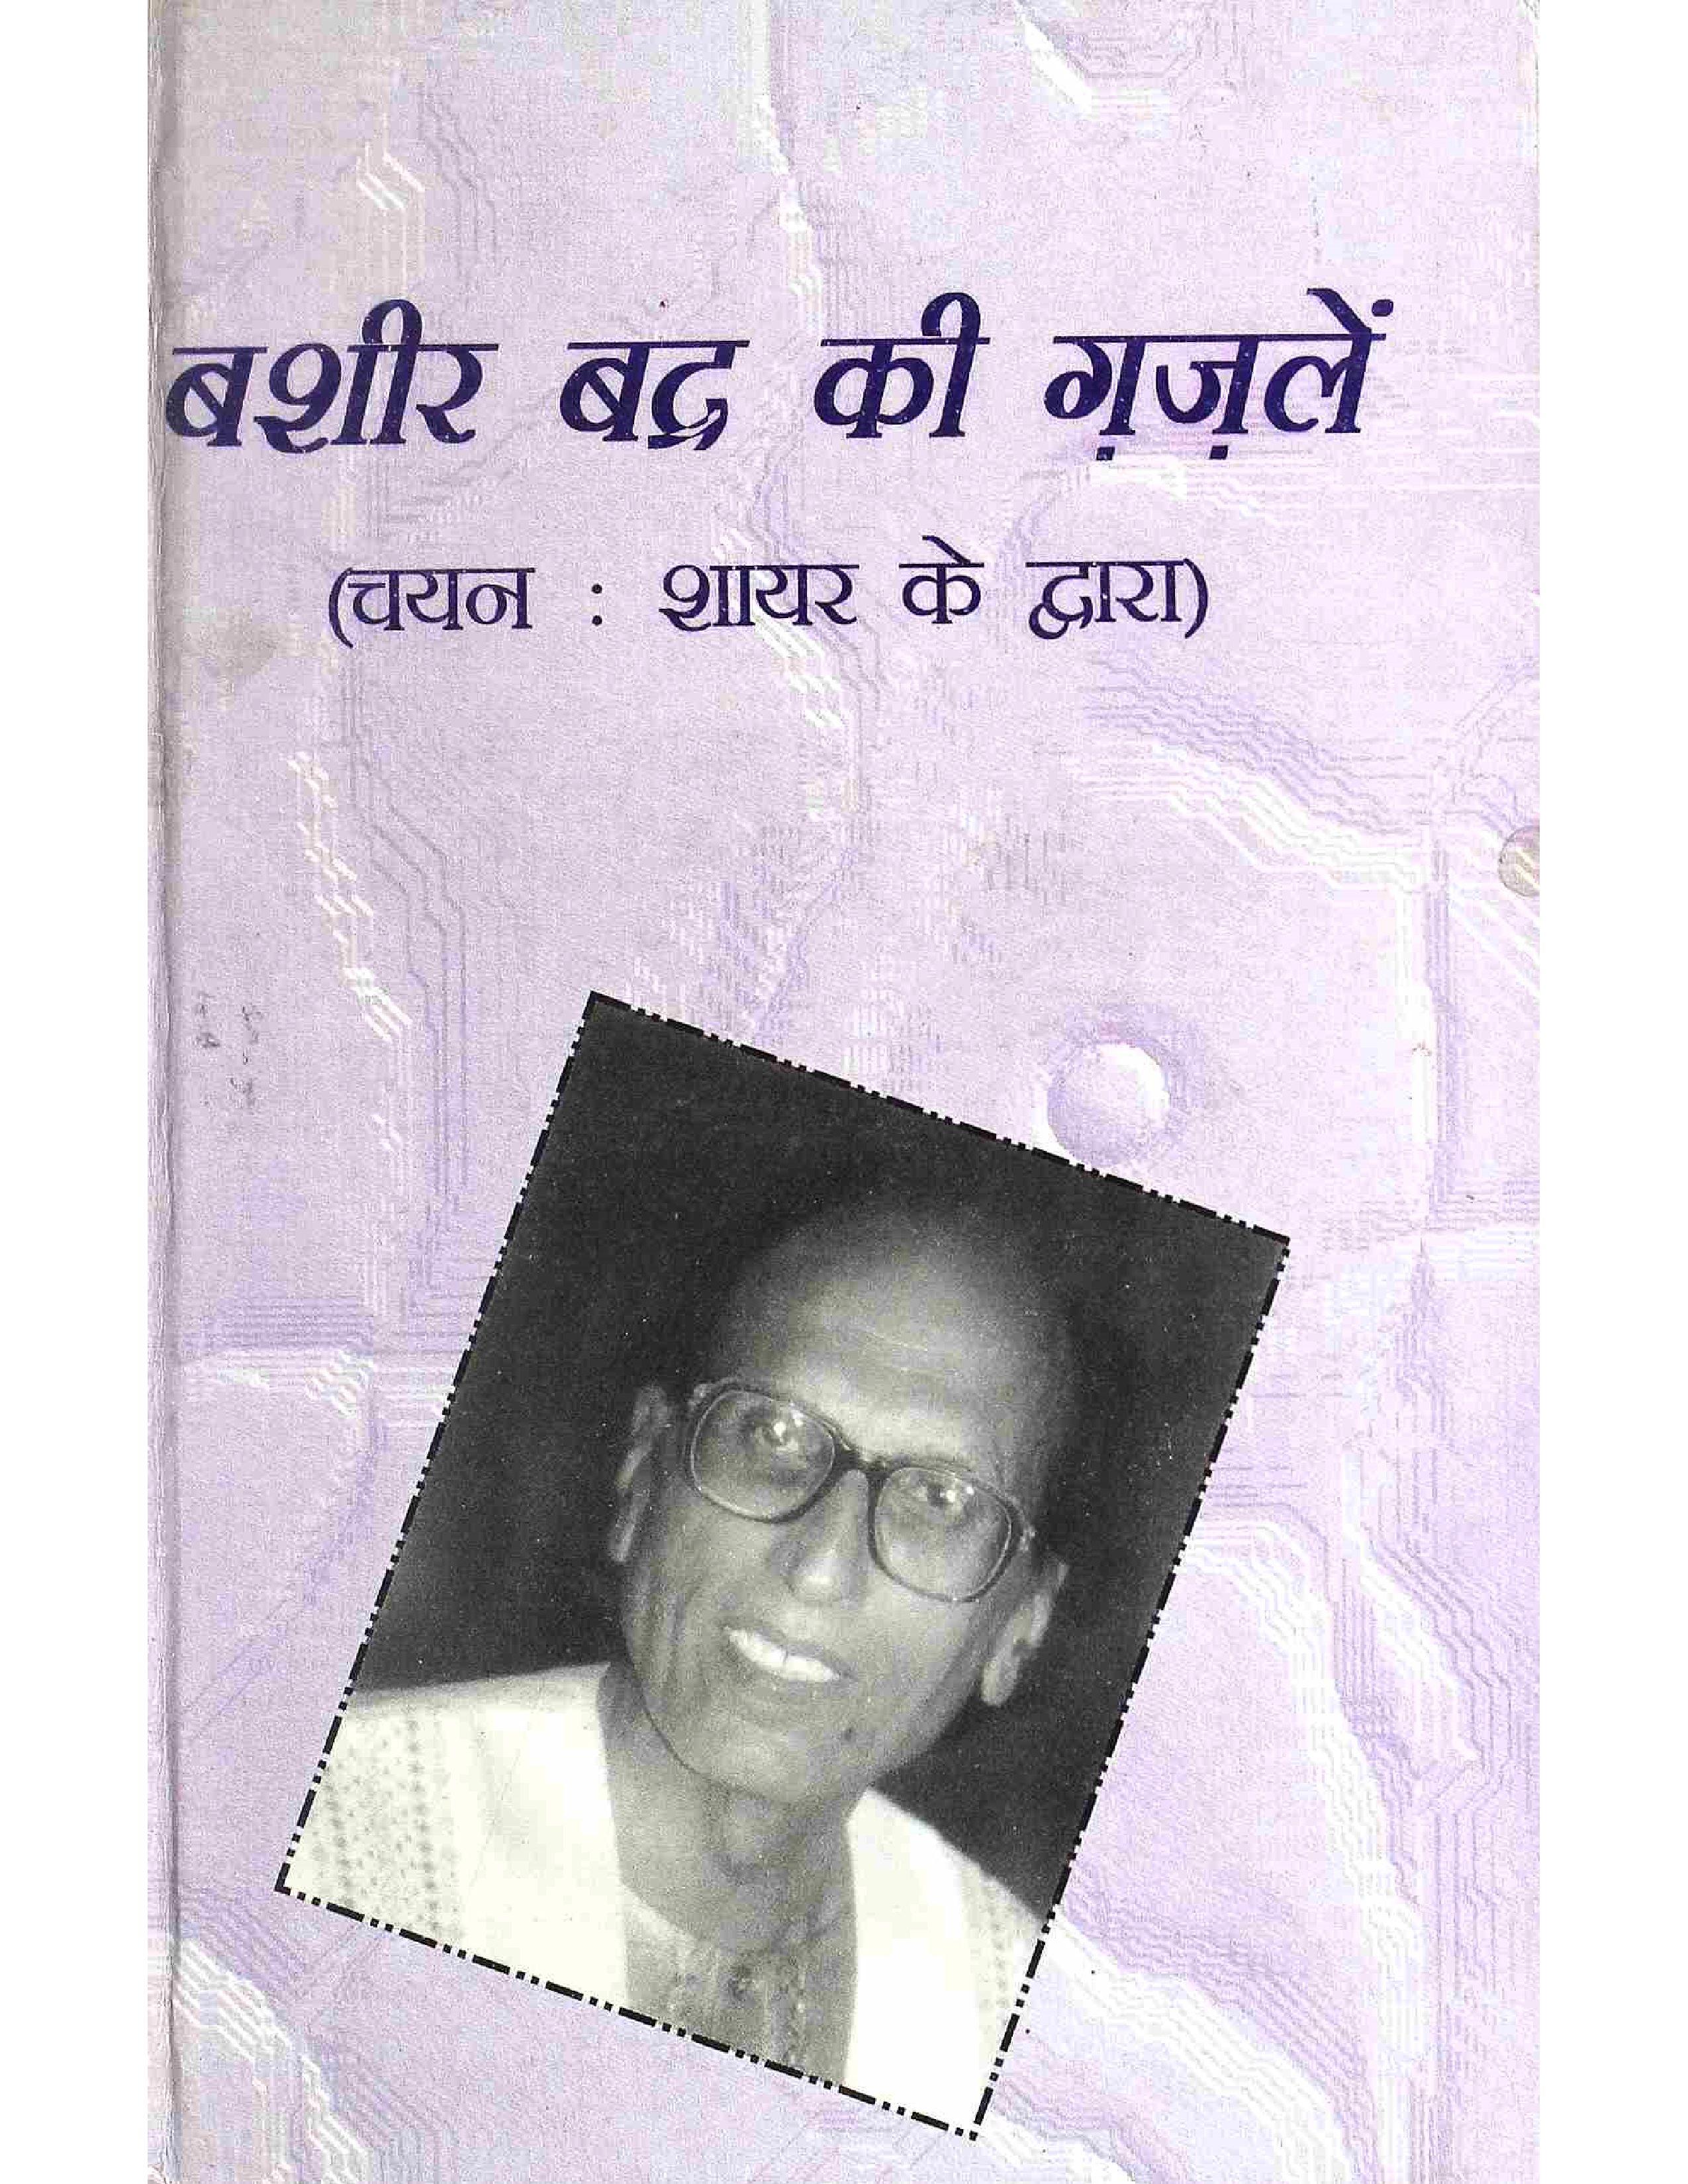 Basheer Badr ki Ghazalen